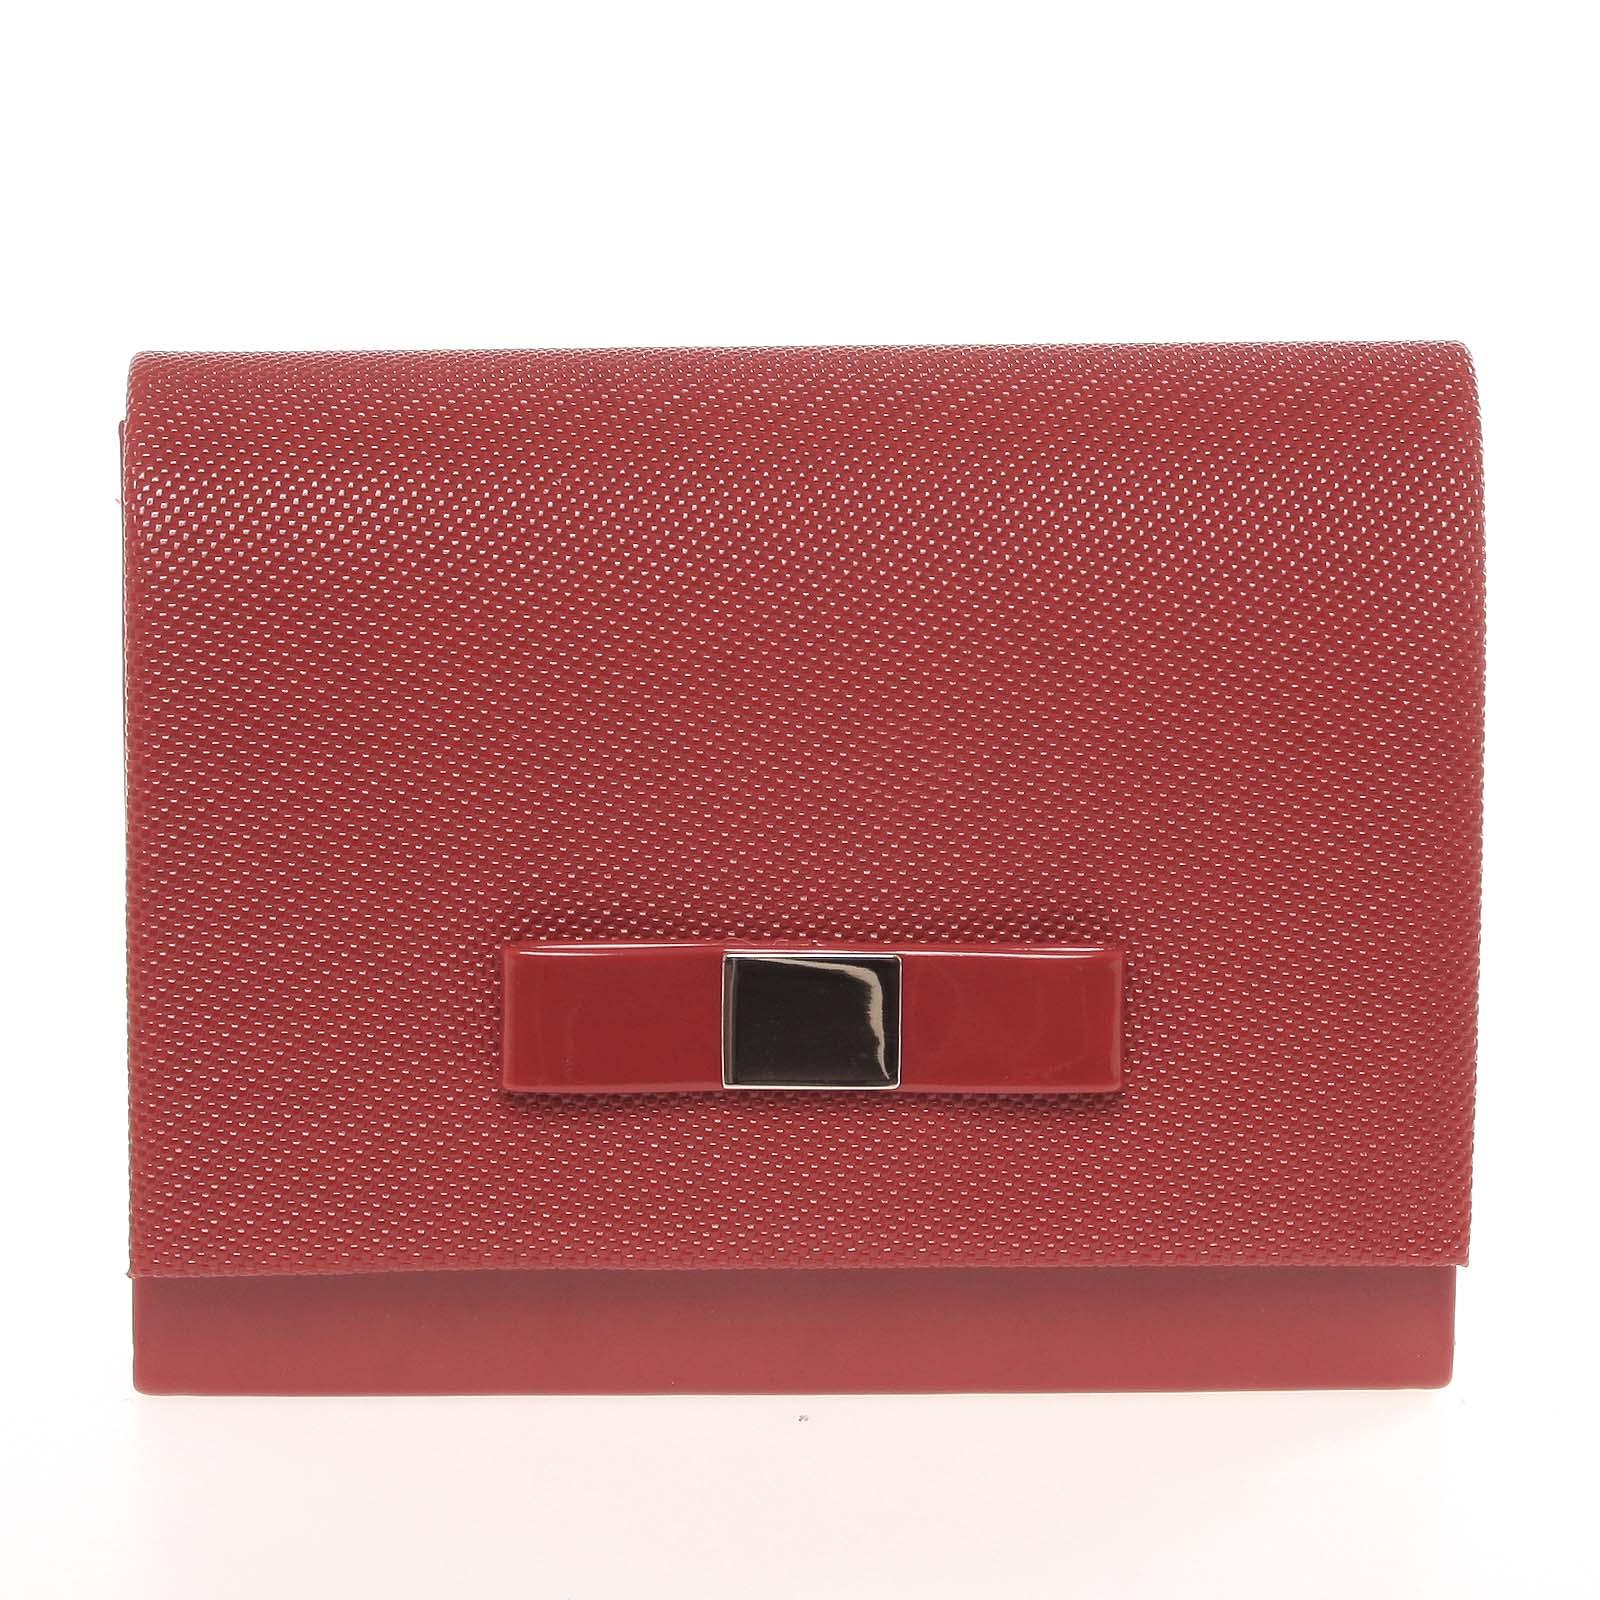 Luxusná dámska listová kabelka červená so vzorom lesklá - Delami Chicago Fresno